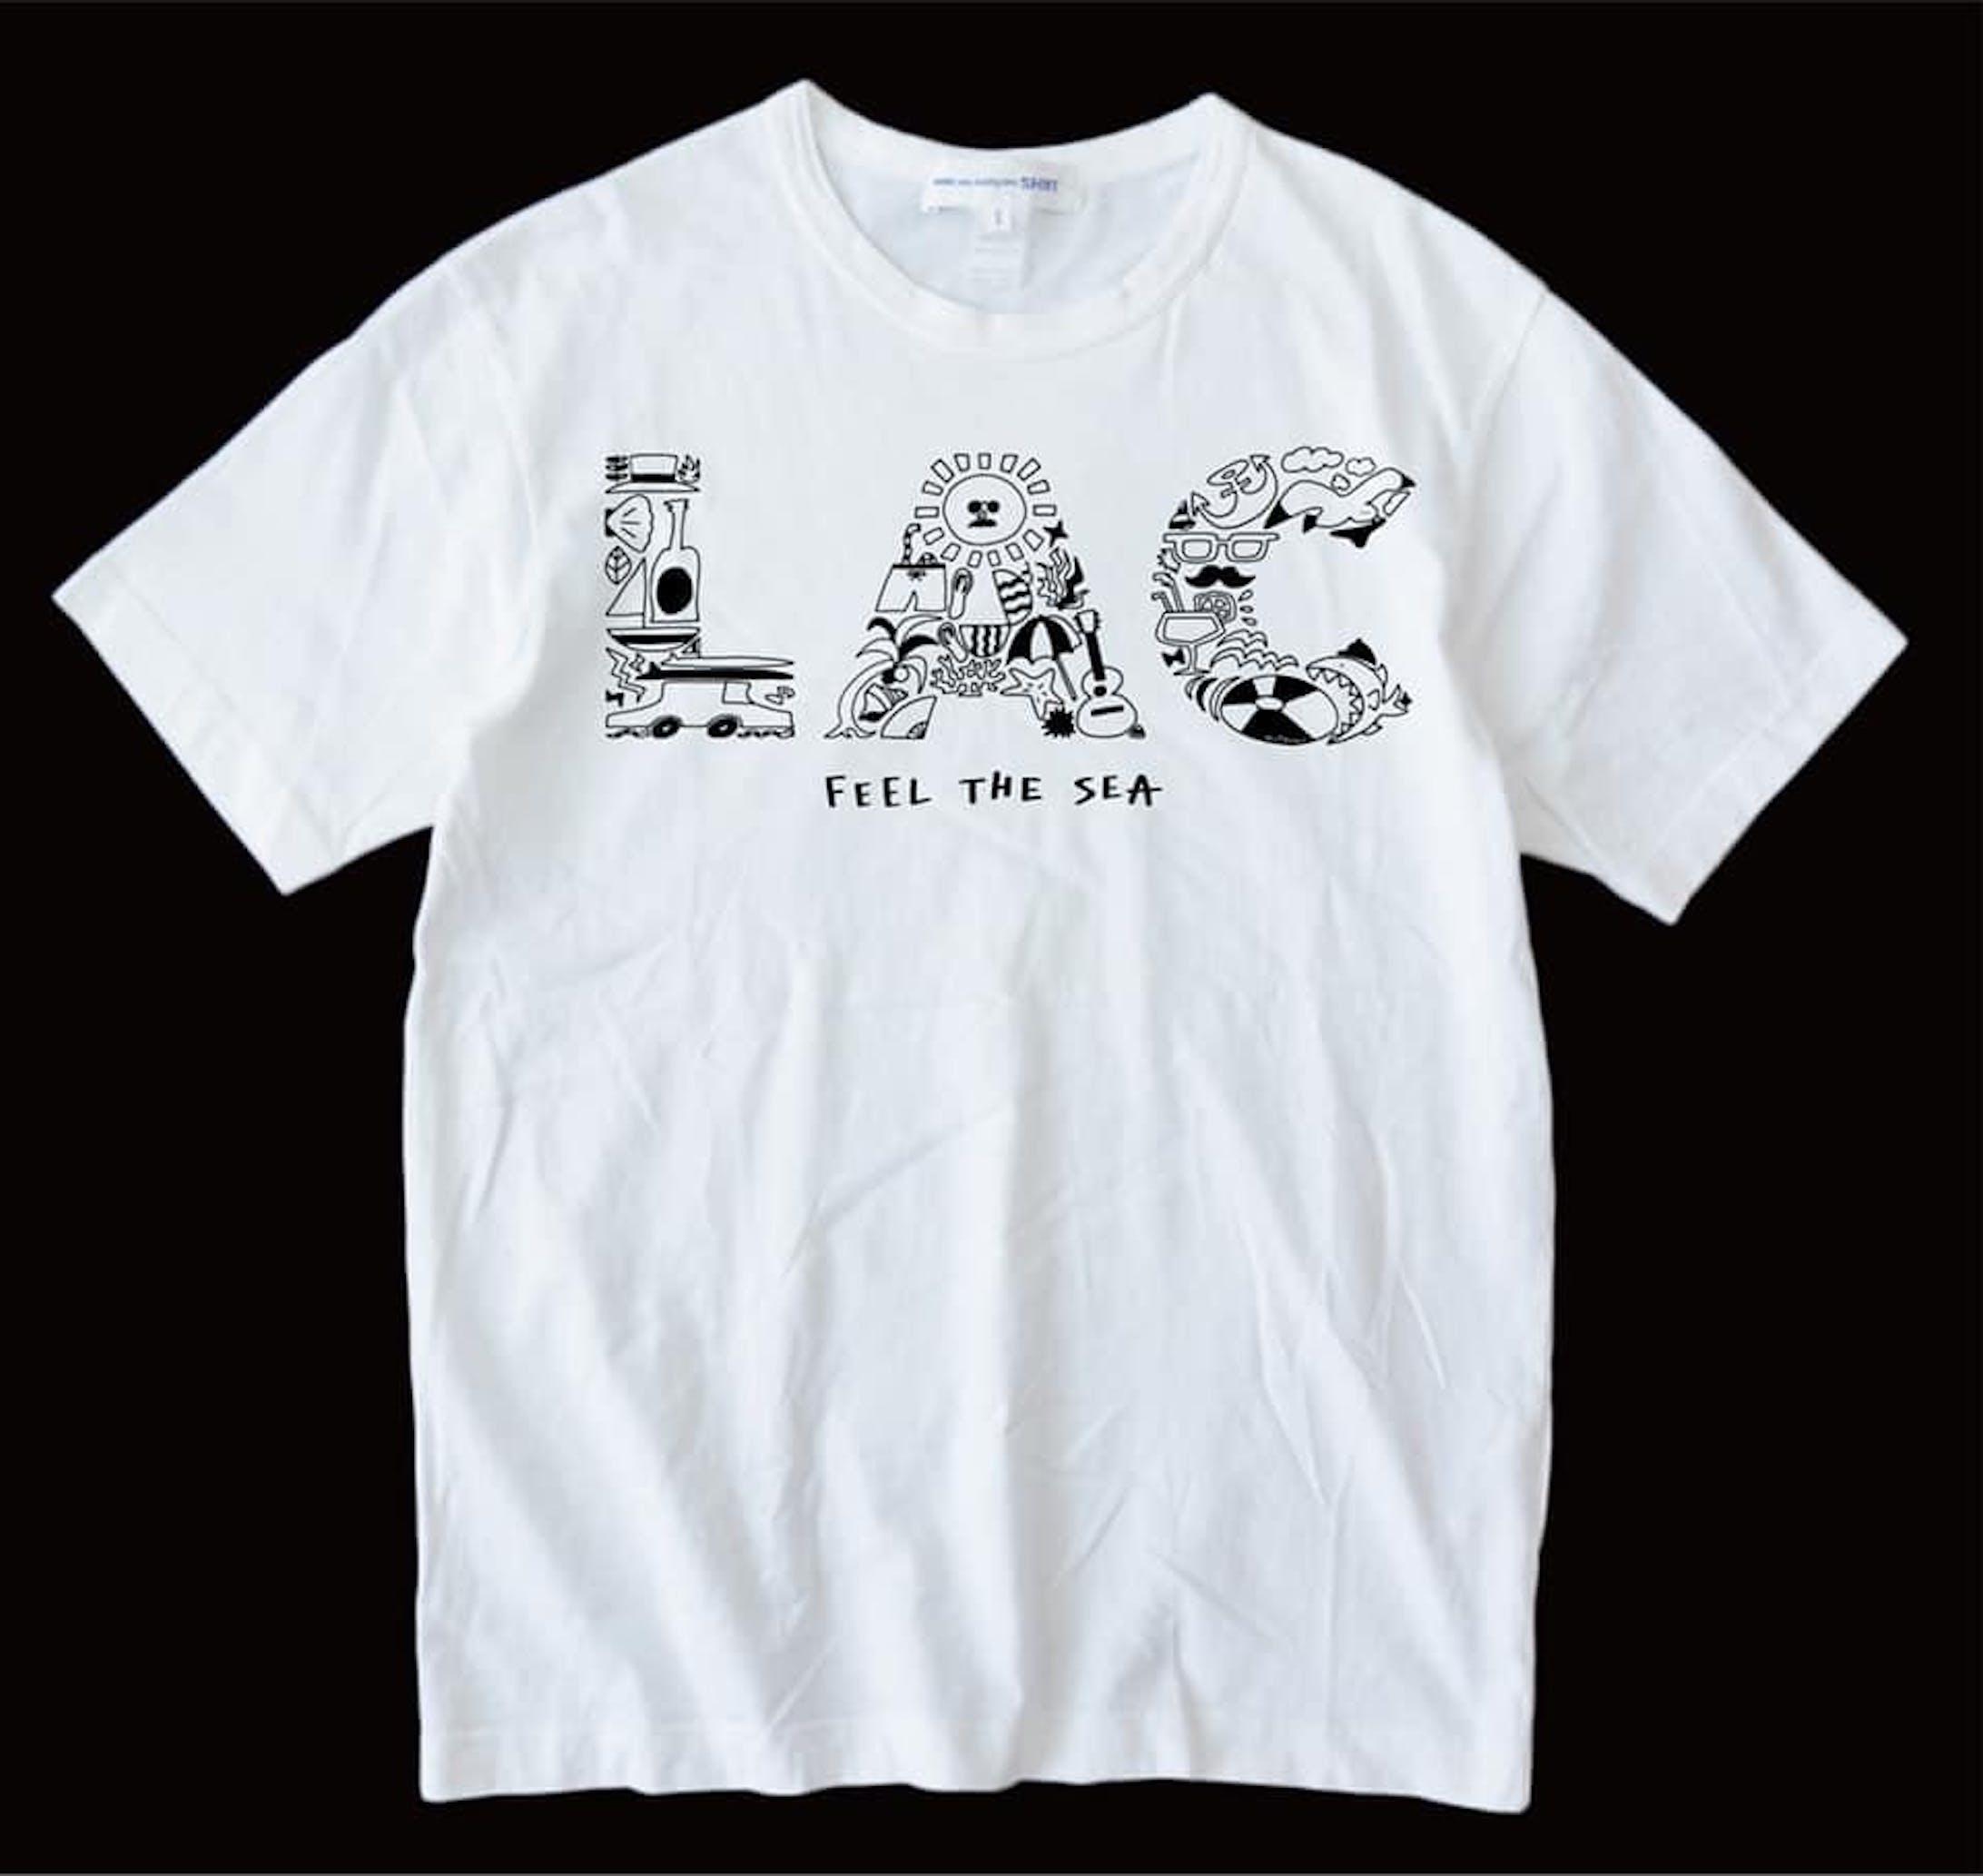 塗り絵Tシャツ - NURIE TEE --9